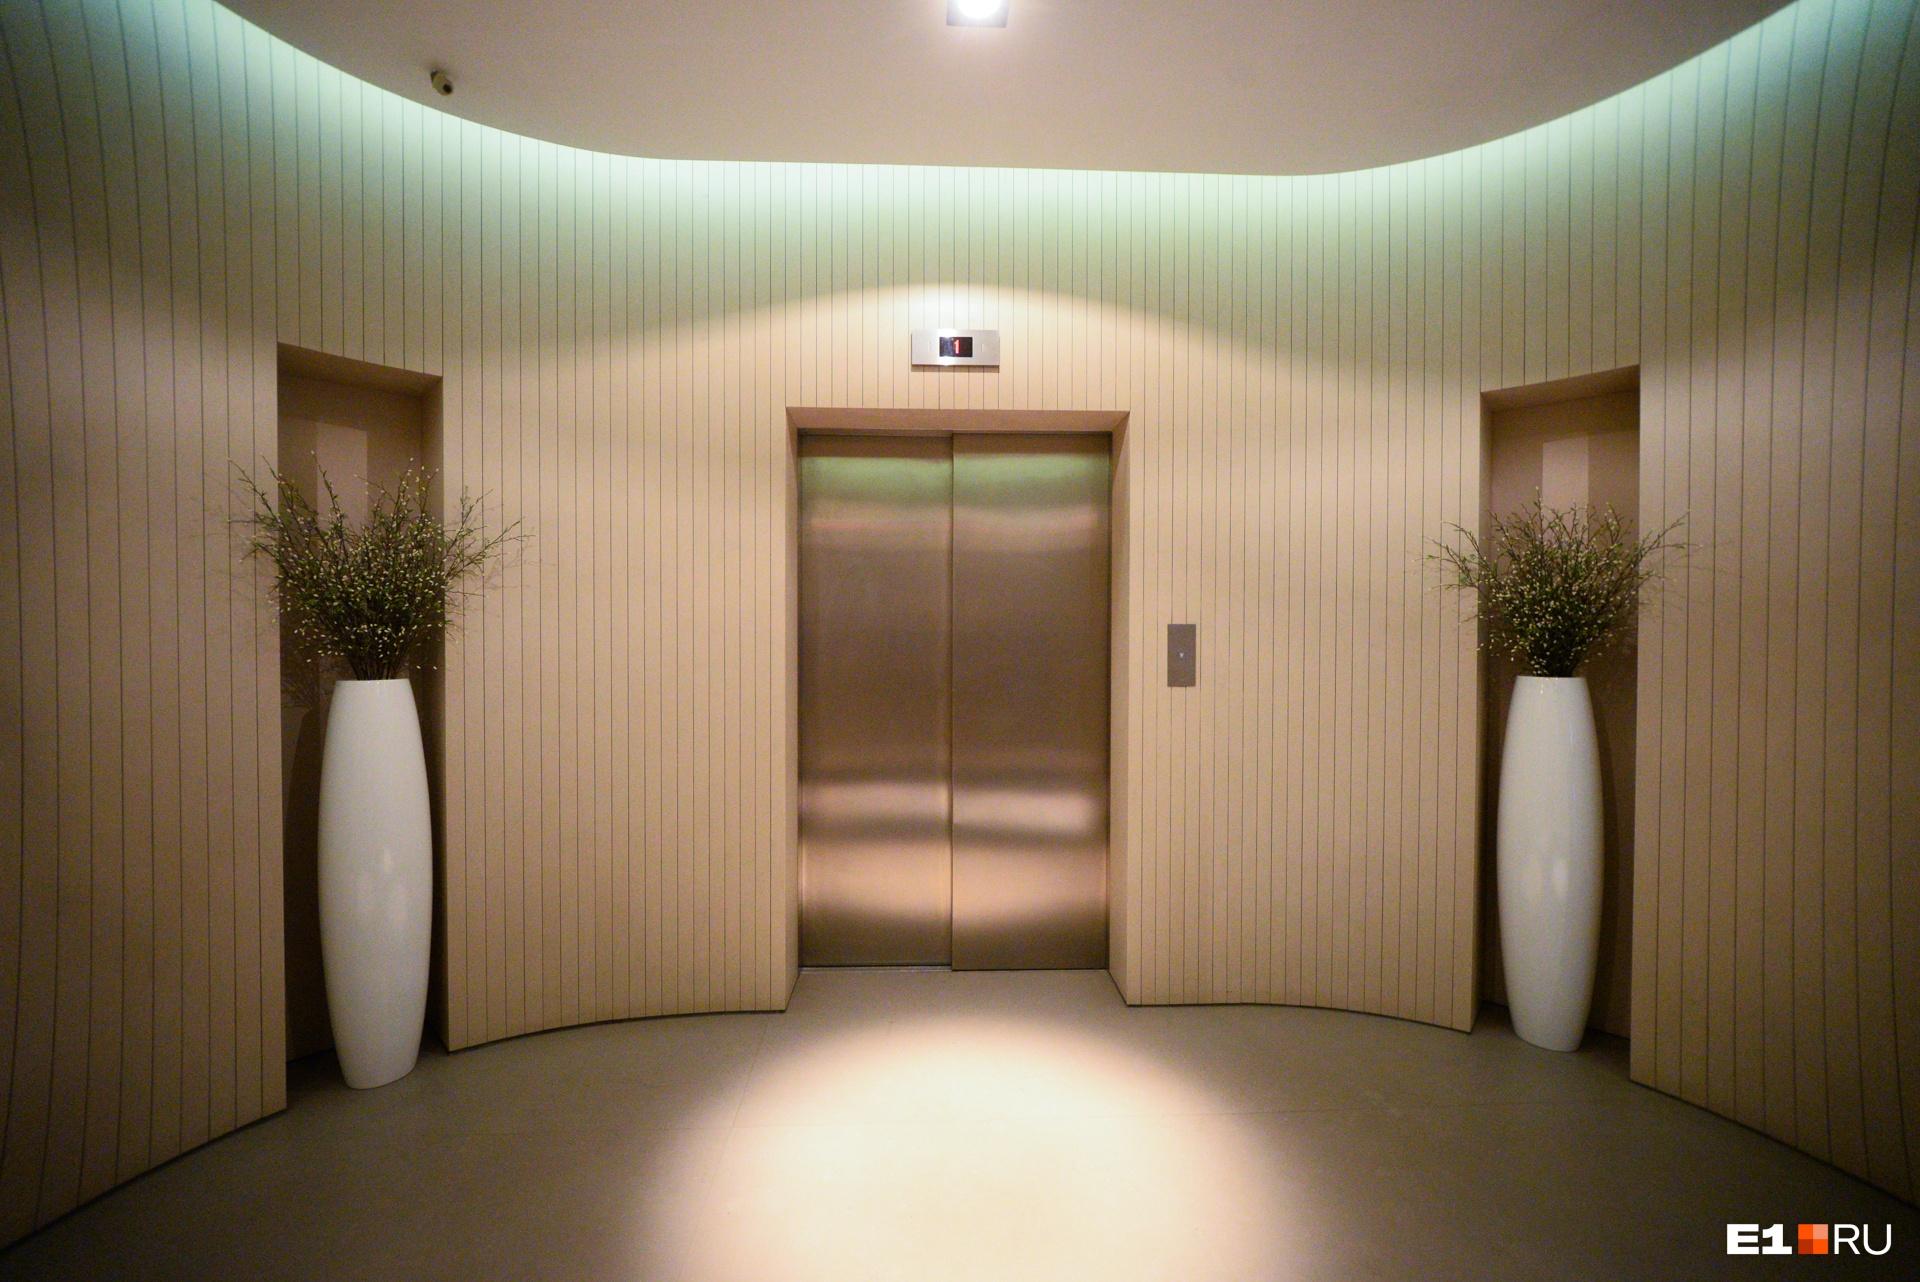 Коридор на 22-м этаже, где расположены два пентхауса